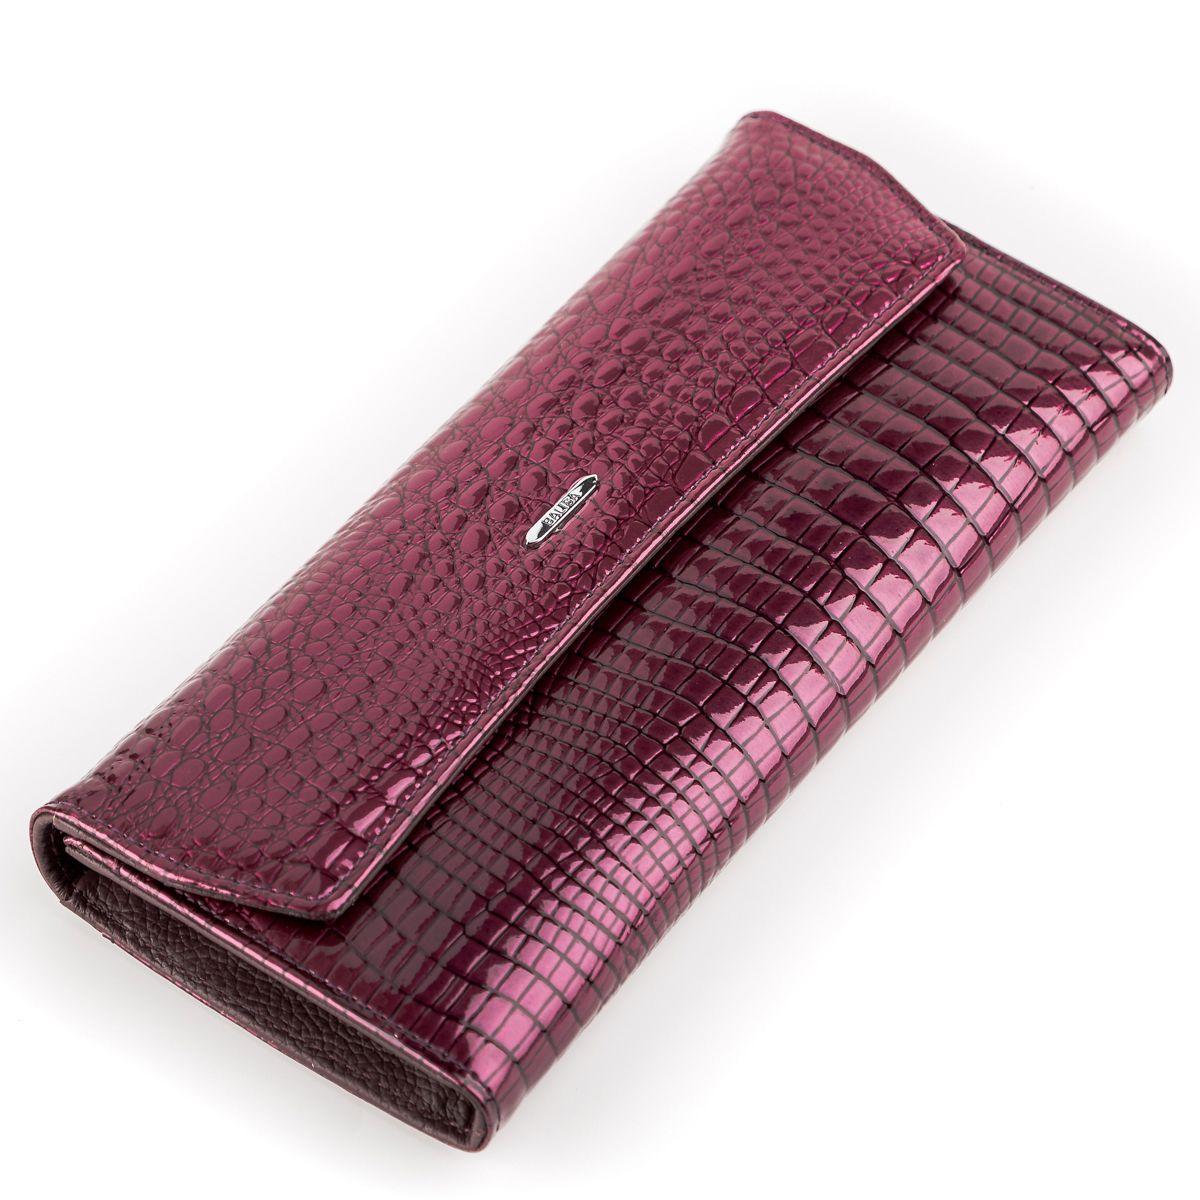 Кошелек женский BALISA 13863 кожаный Фиолетовый, Фиолетовый